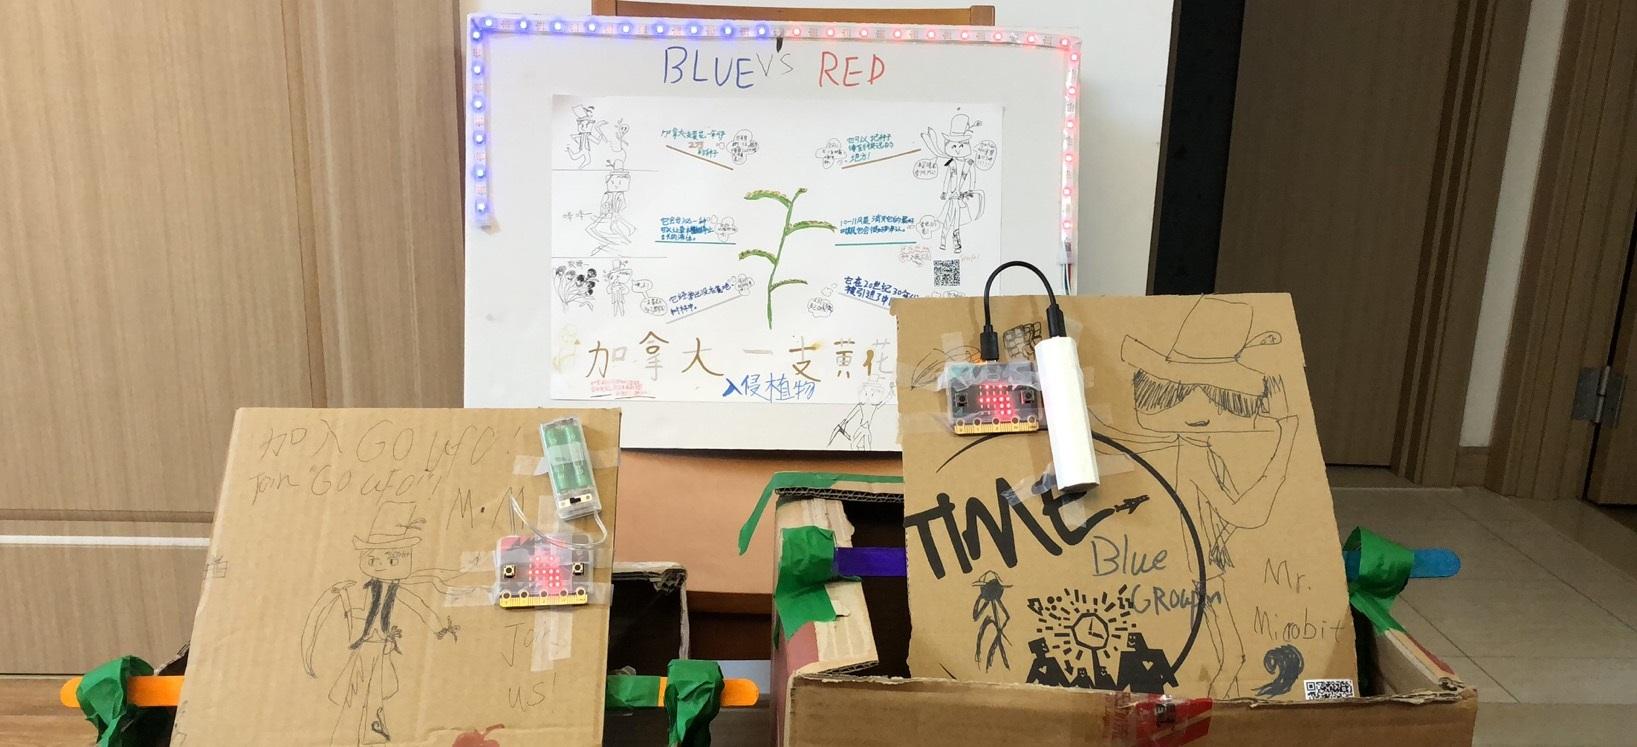 micro:bit 红蓝大作战,消灭入侵植物加拿大一枝黄花